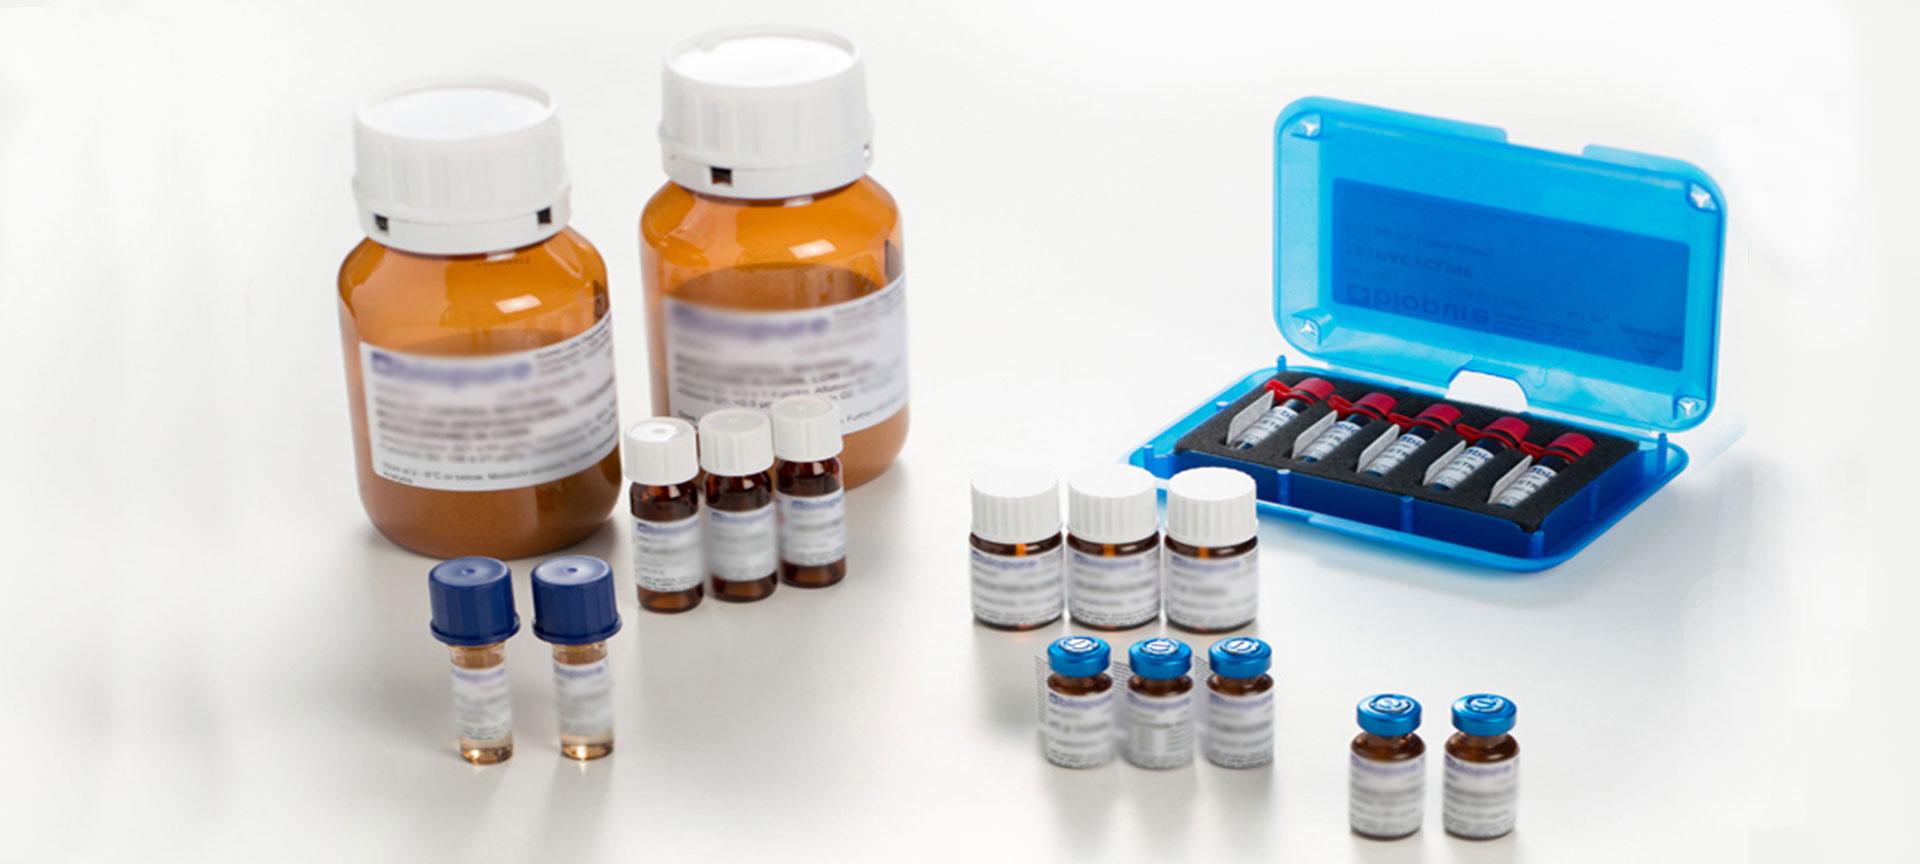 فروش مواد مرجع آزمایشگاهی